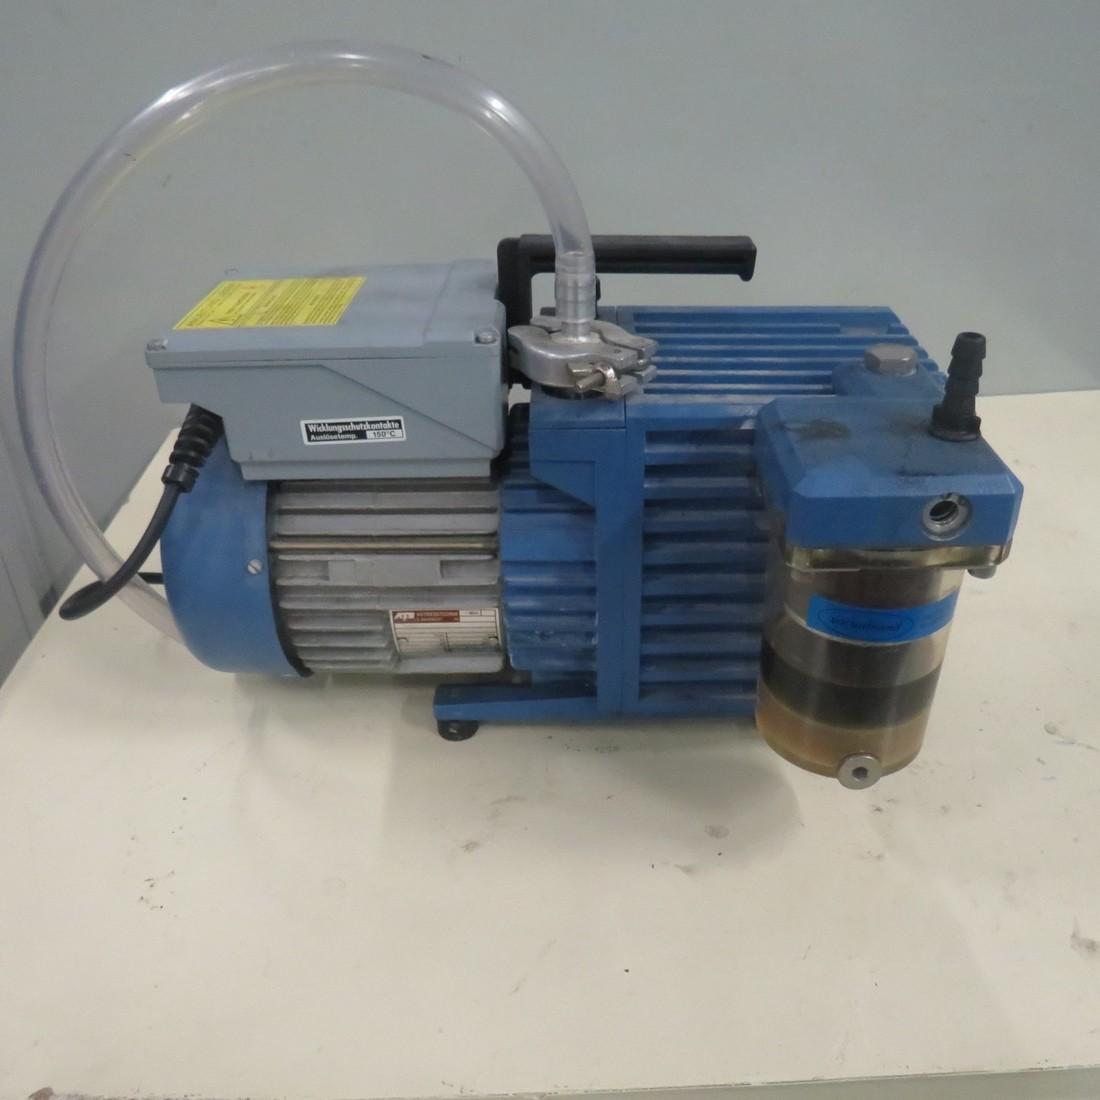 R10J812 VACUUBRAND Vacuum pump - RE5 Type - Hp0.4 - Rpm1500